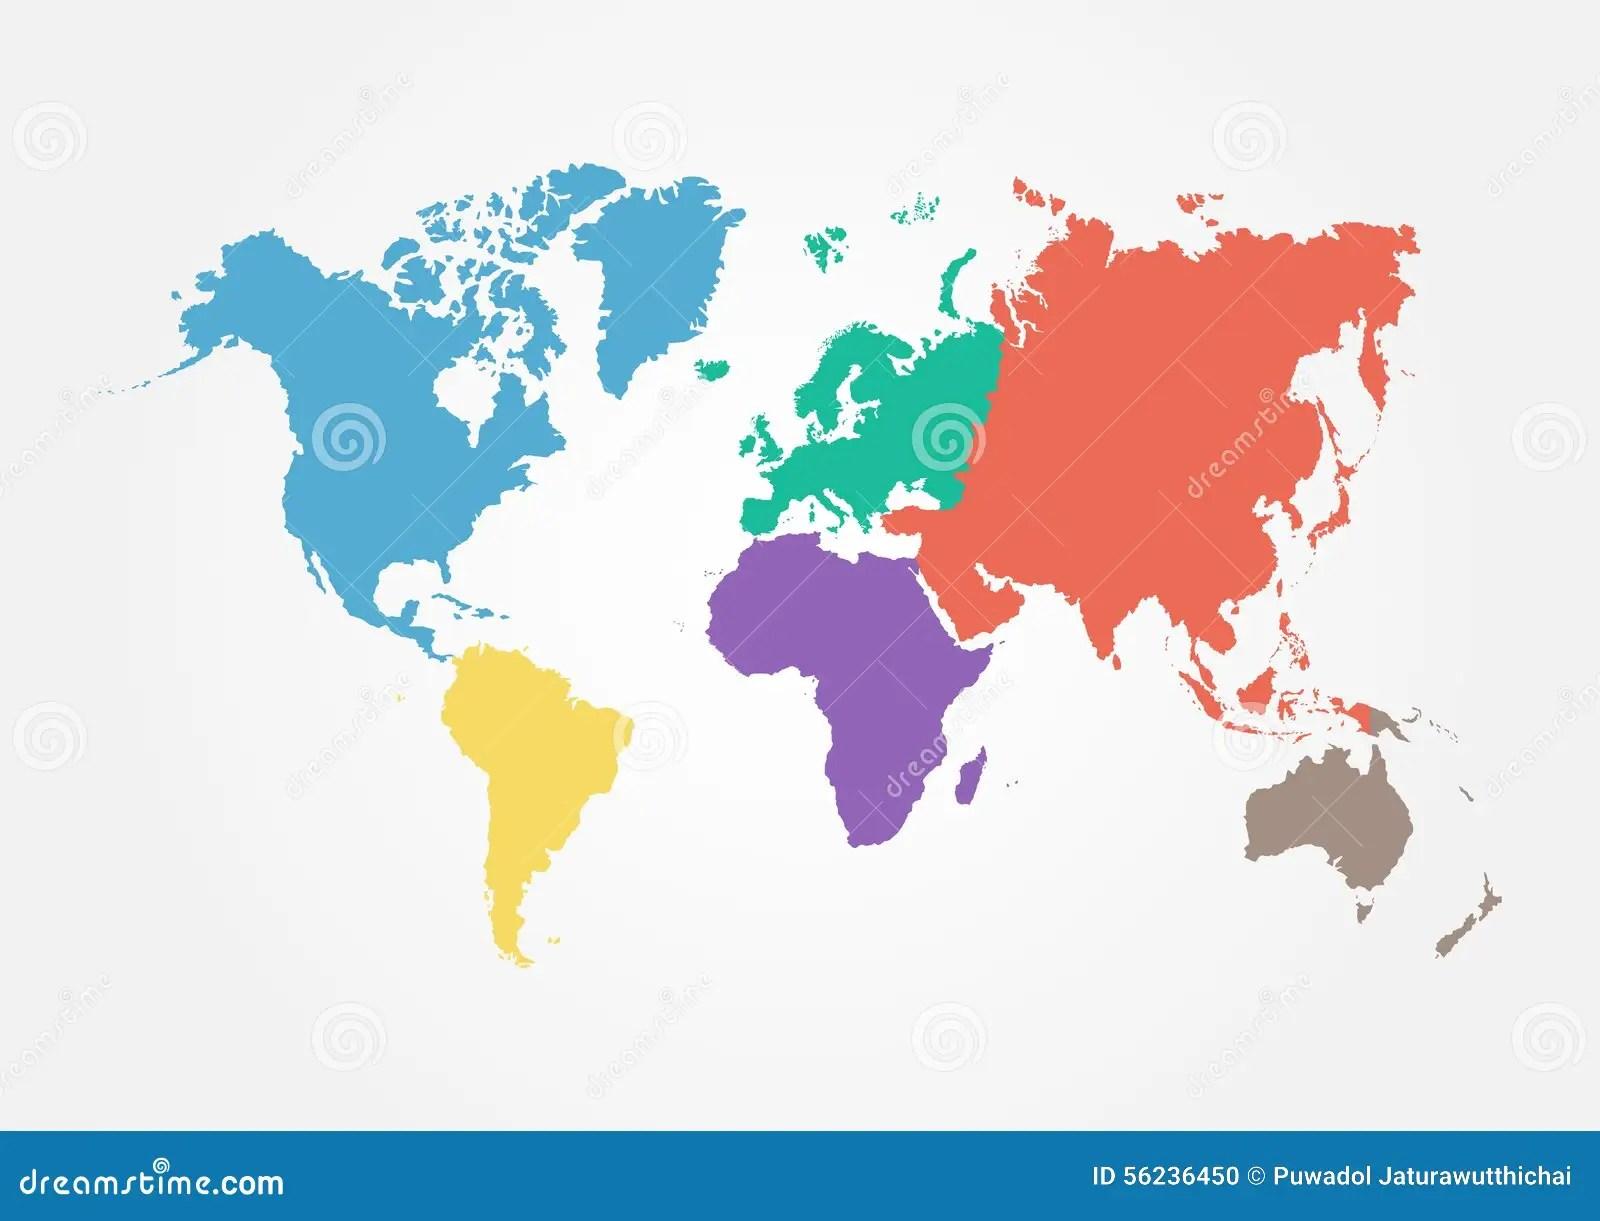 Flat Flat World Map